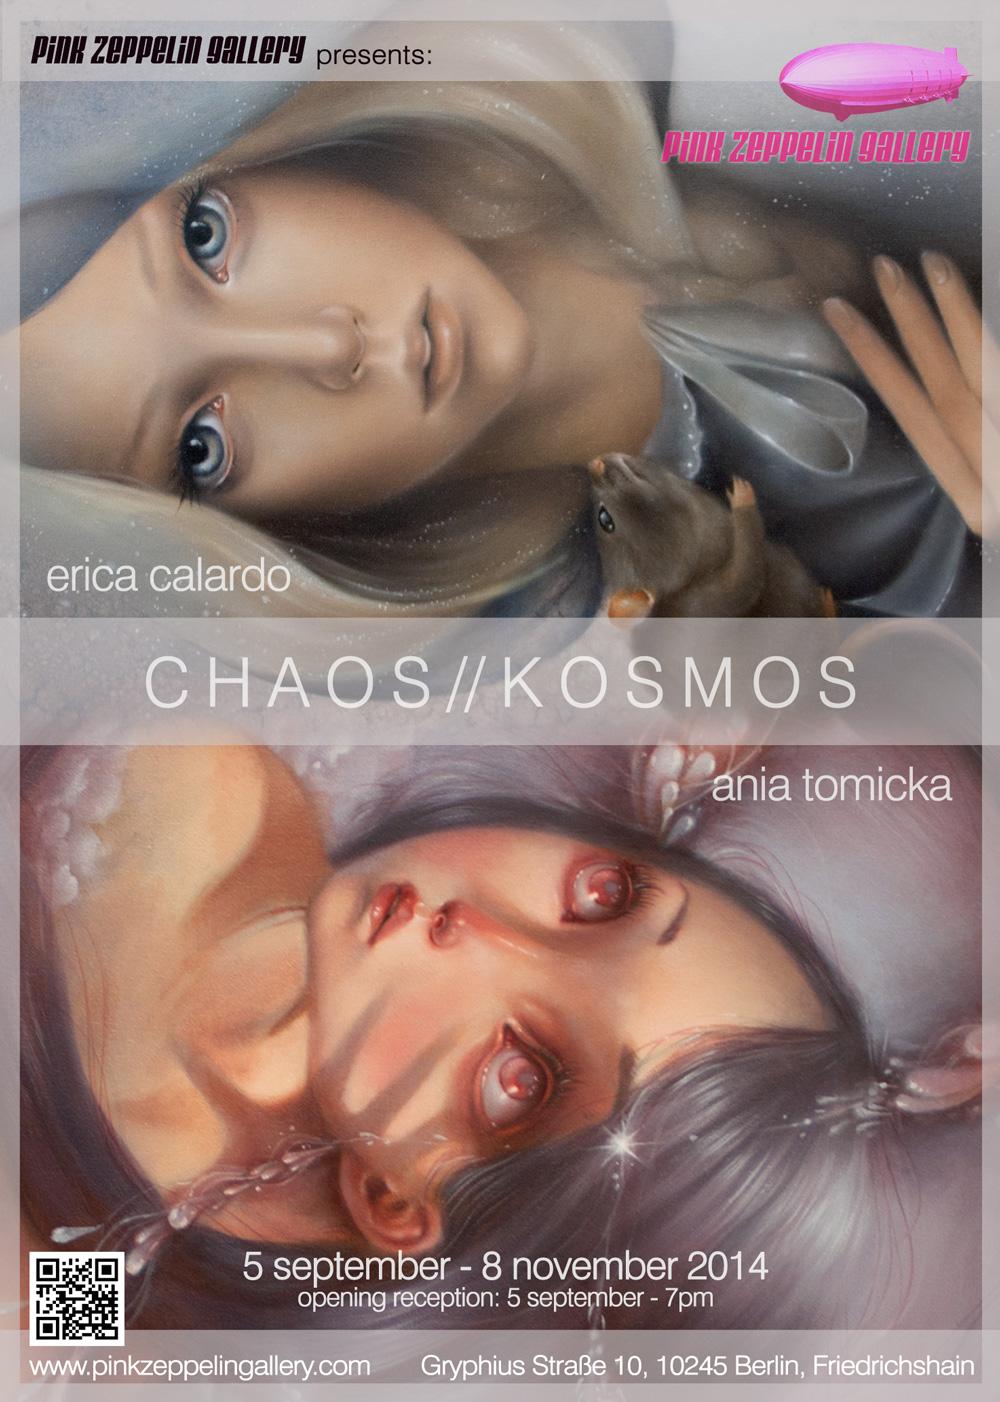 CHAOS // KOSMOS